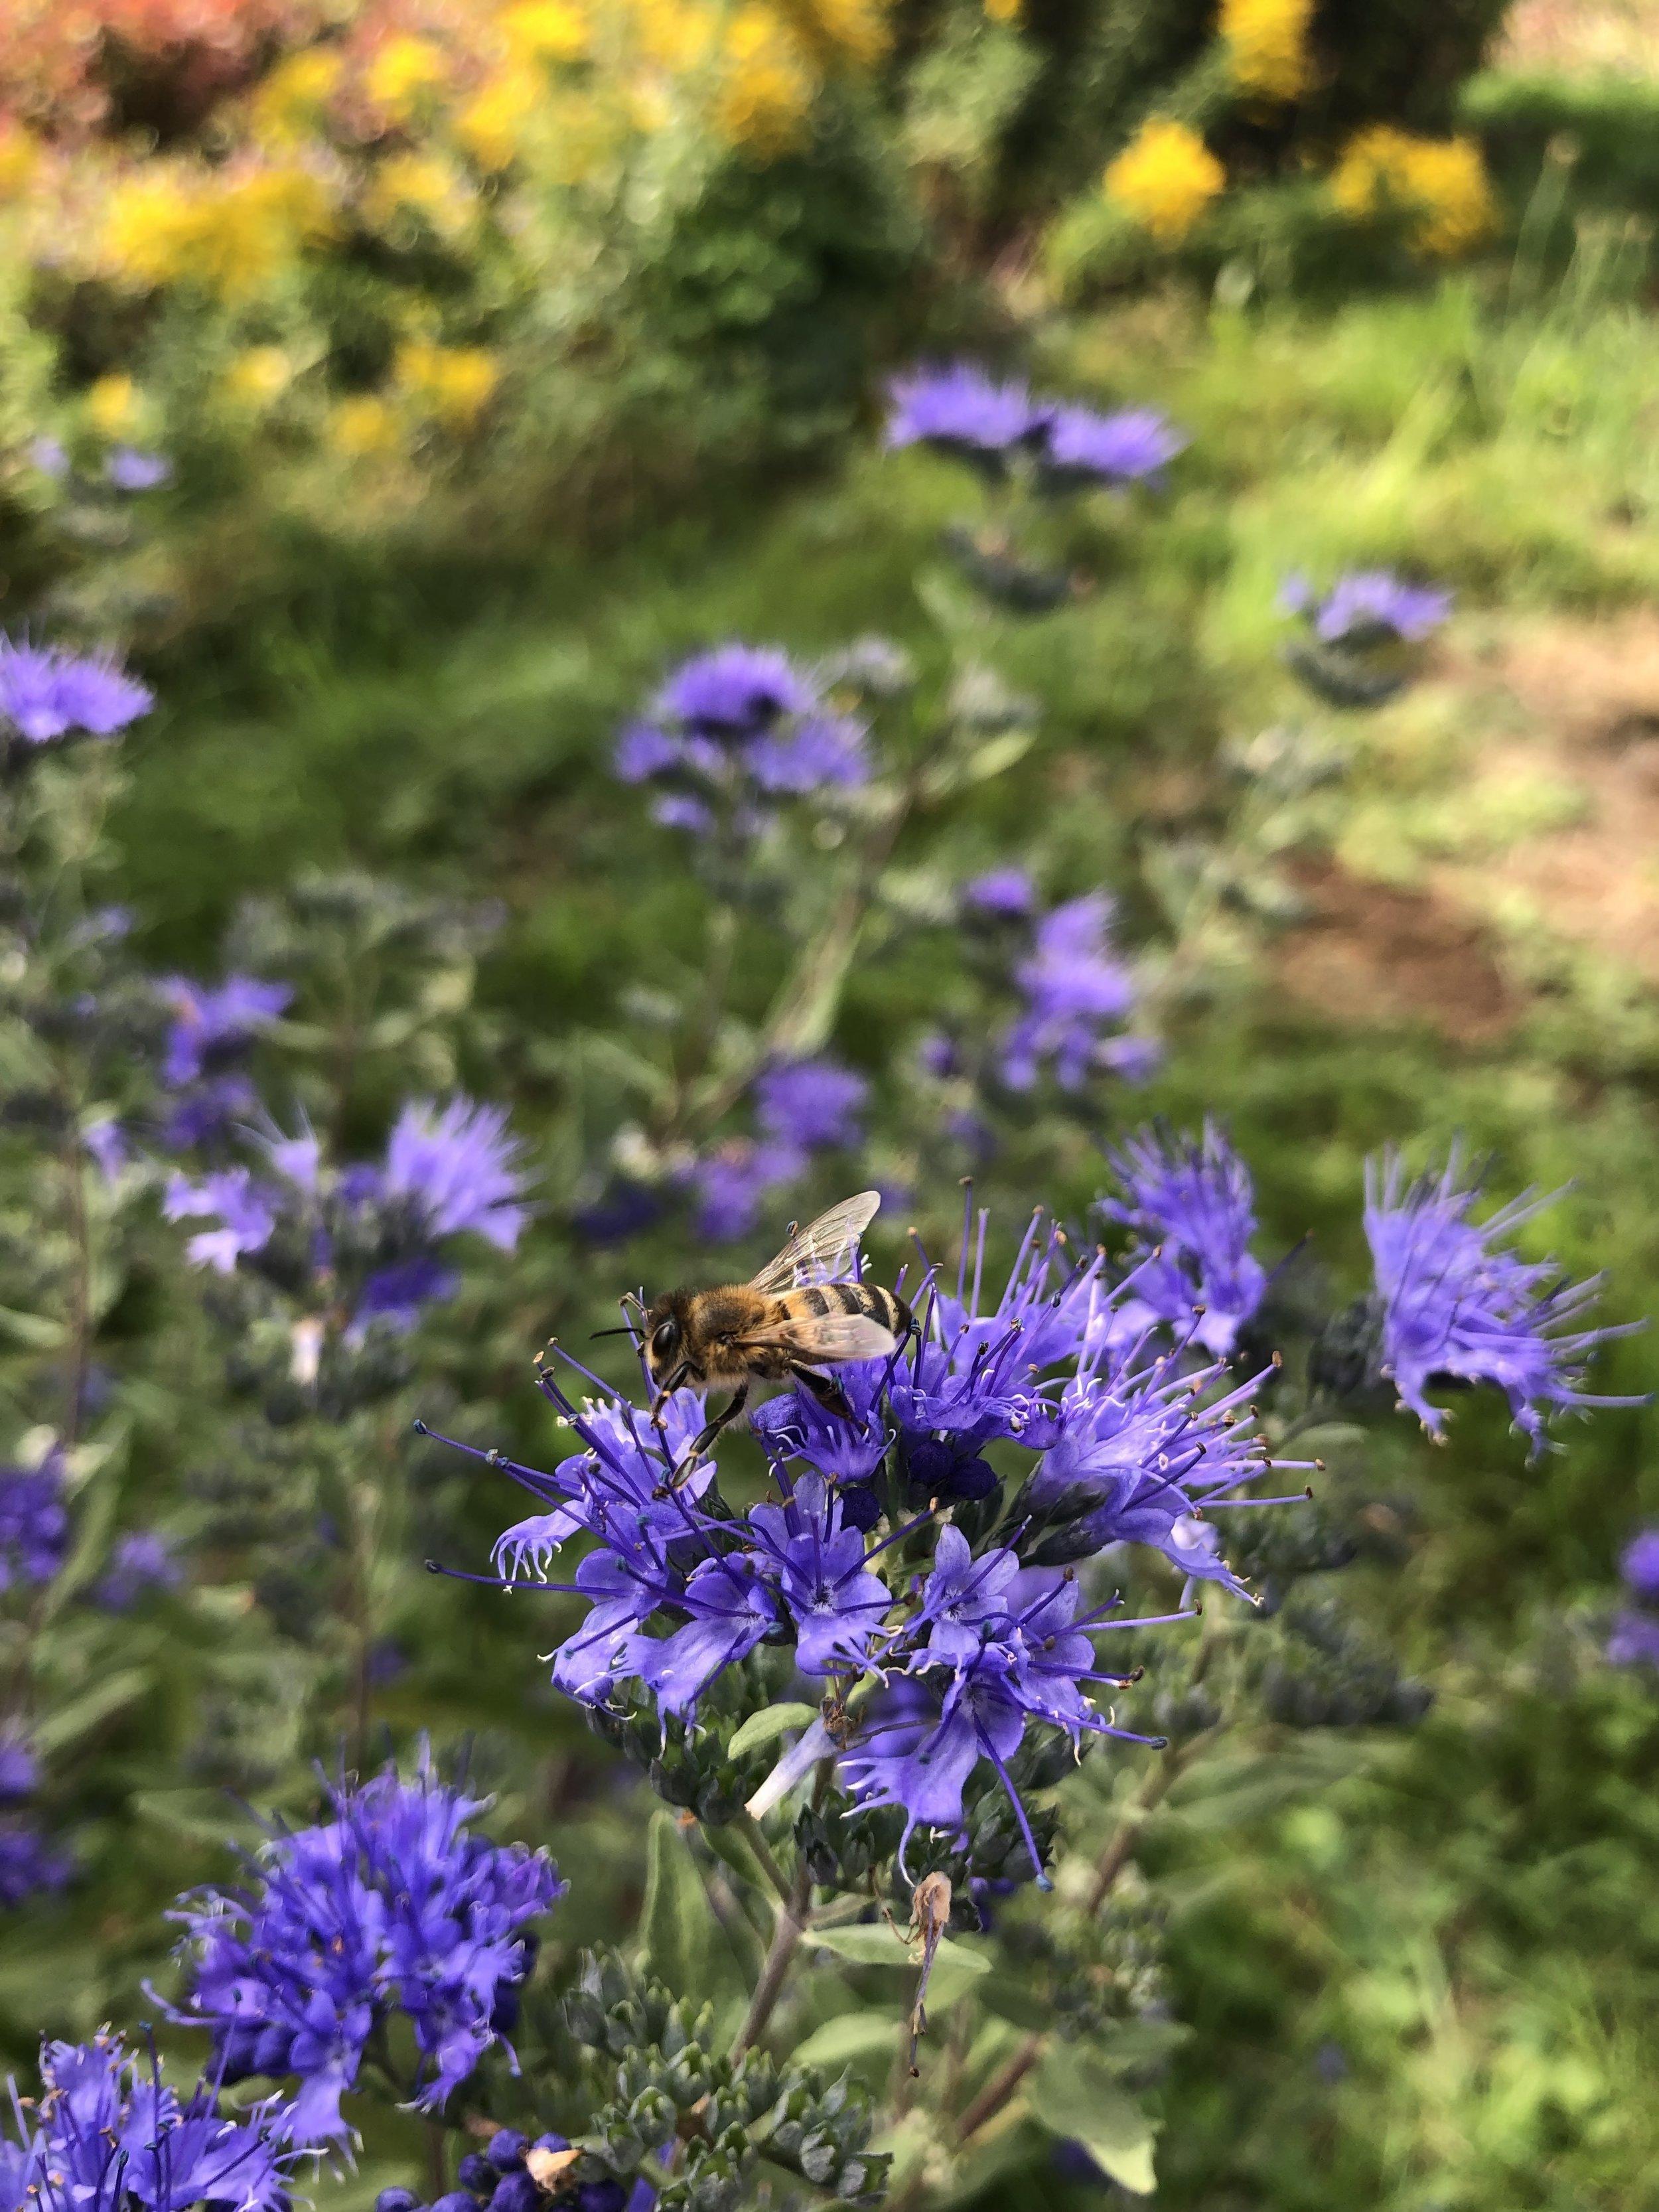 """Bartblume """"Heavenly Blue"""" (Caryopteris) - erhätlich in der Baumschule Entenmann"""